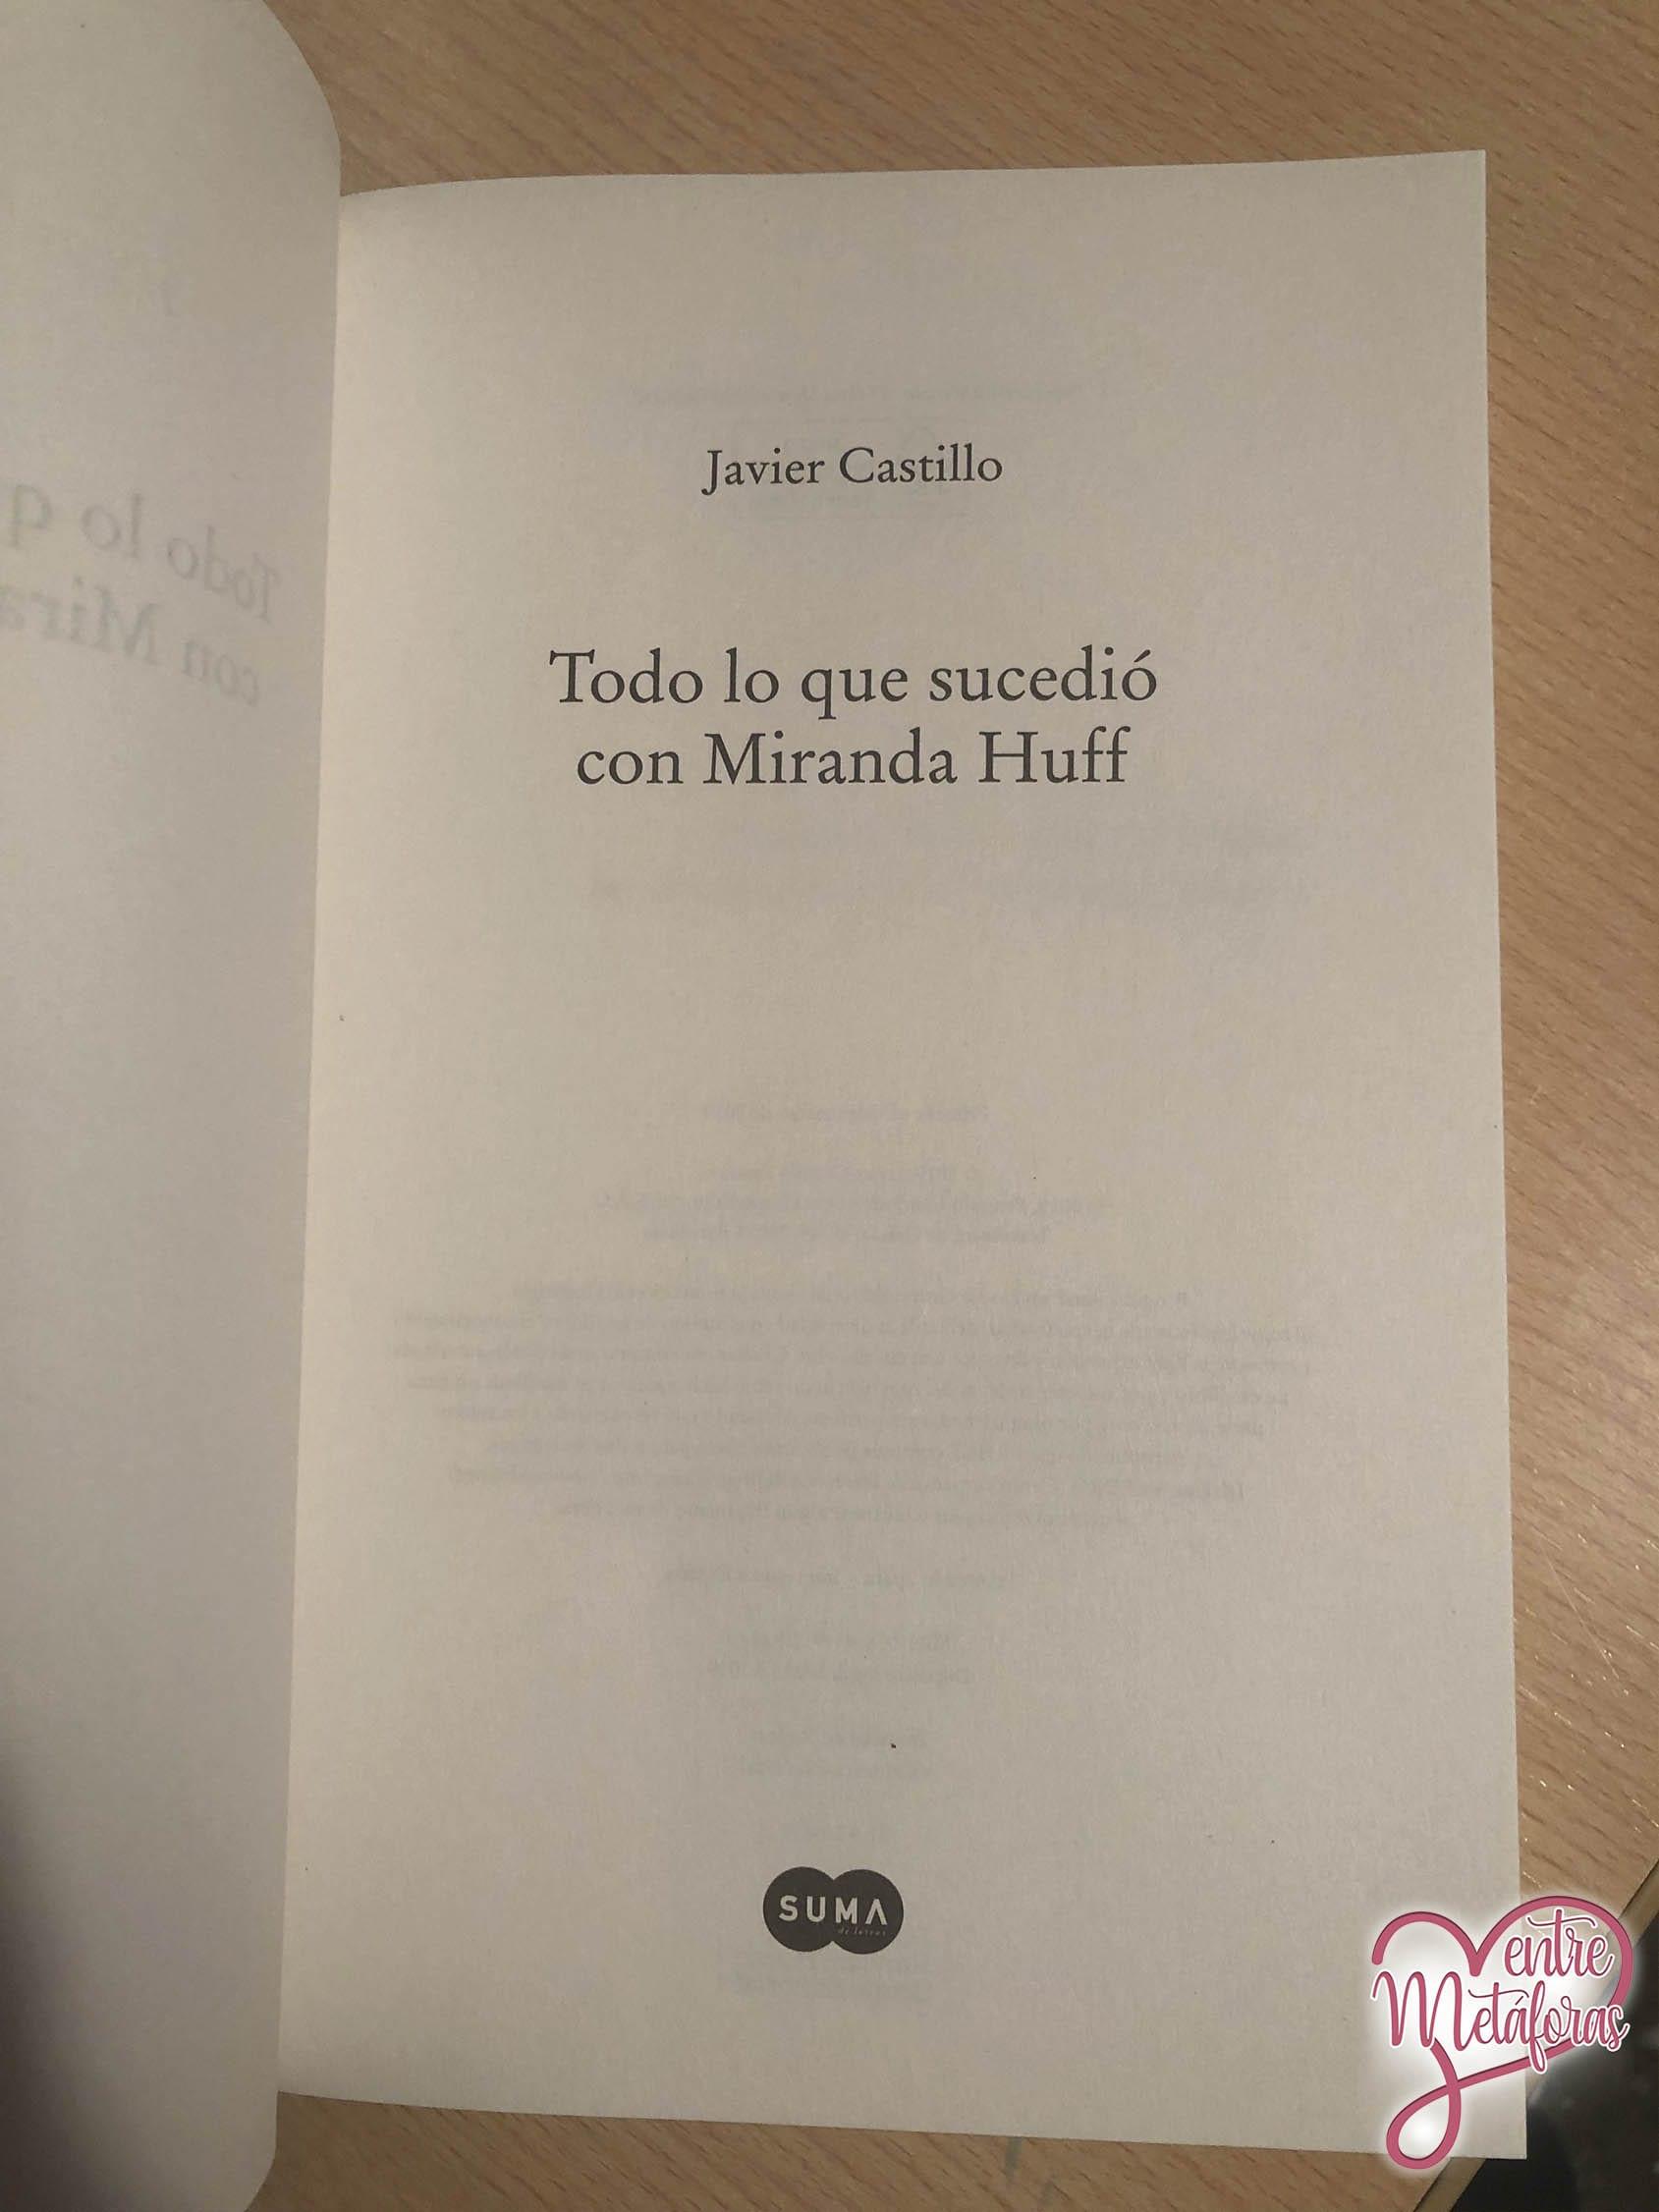 Todo lo que sucedió con Miranda Huff, de Javier Castillo - Reseña